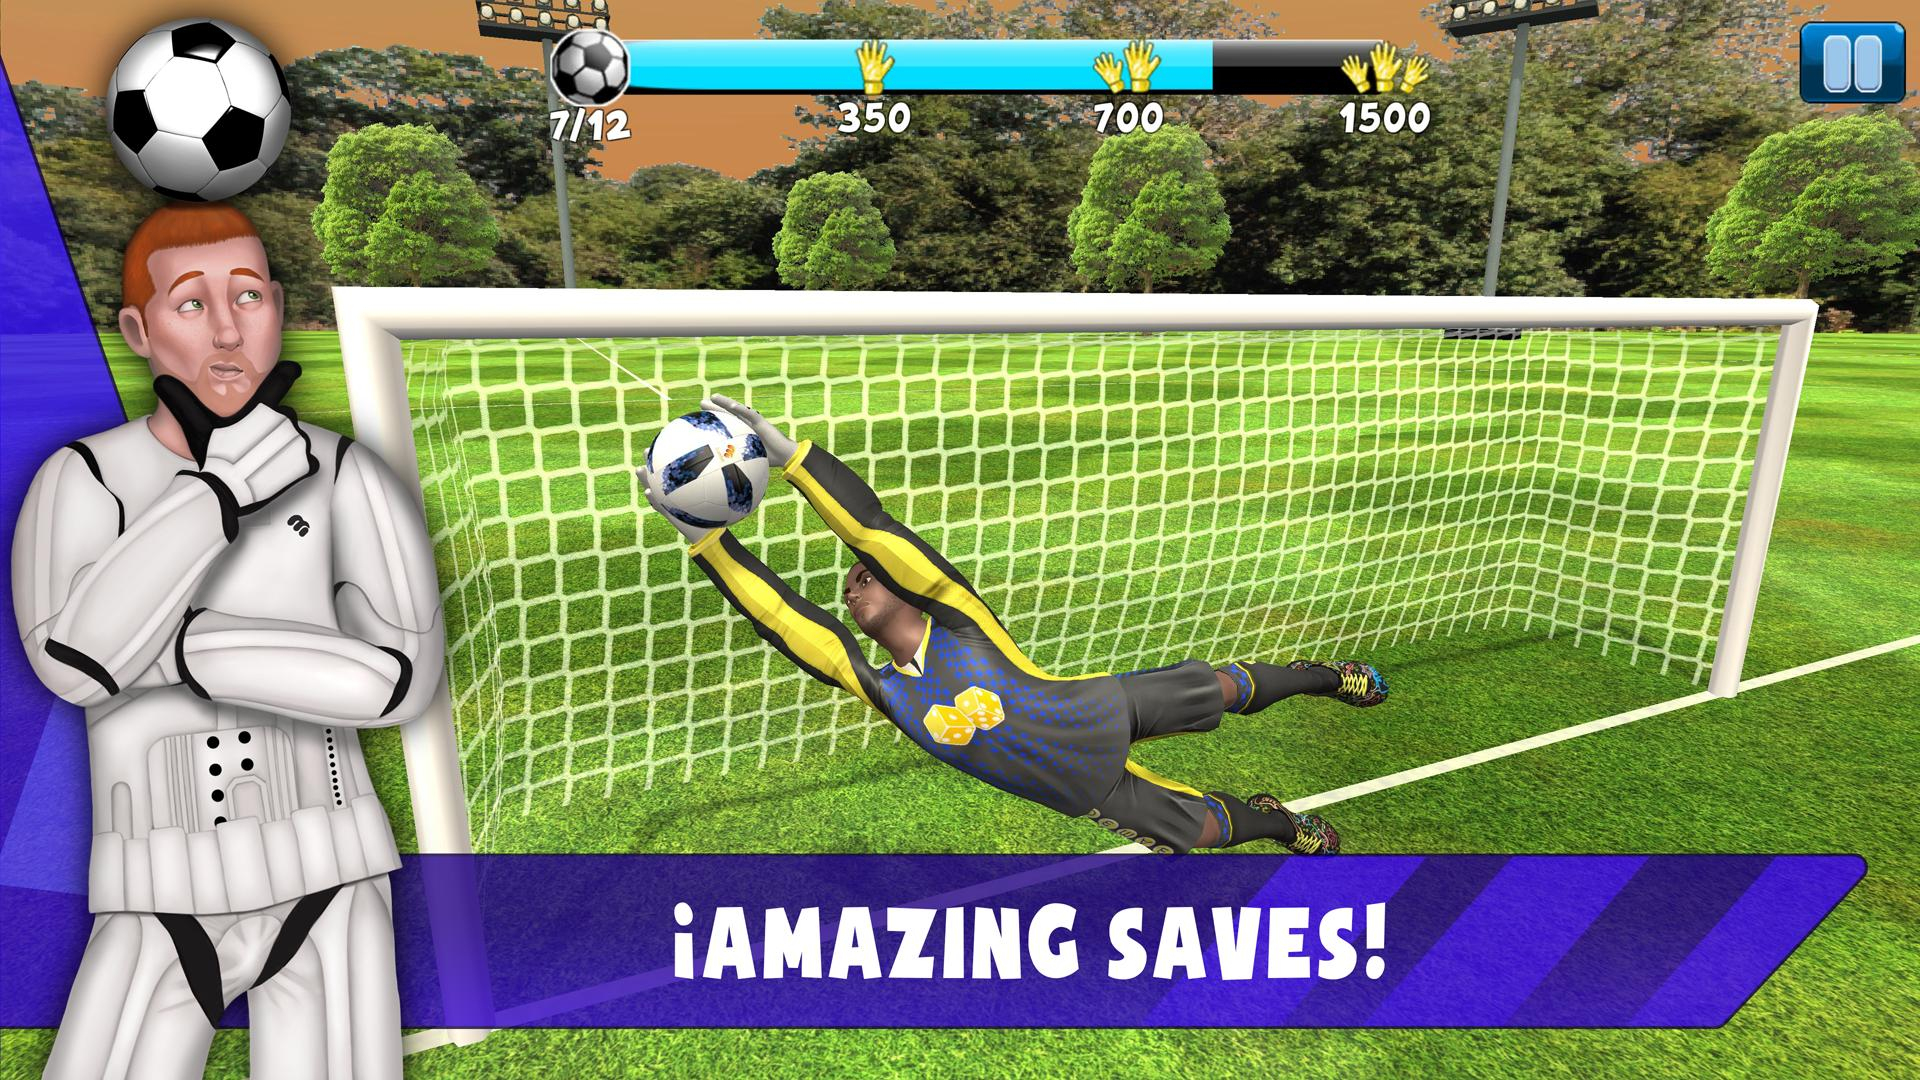 Save! Hero - Gardien De But Jeu Foot 2019 Pour Android dedans Jeux De Gardien De But